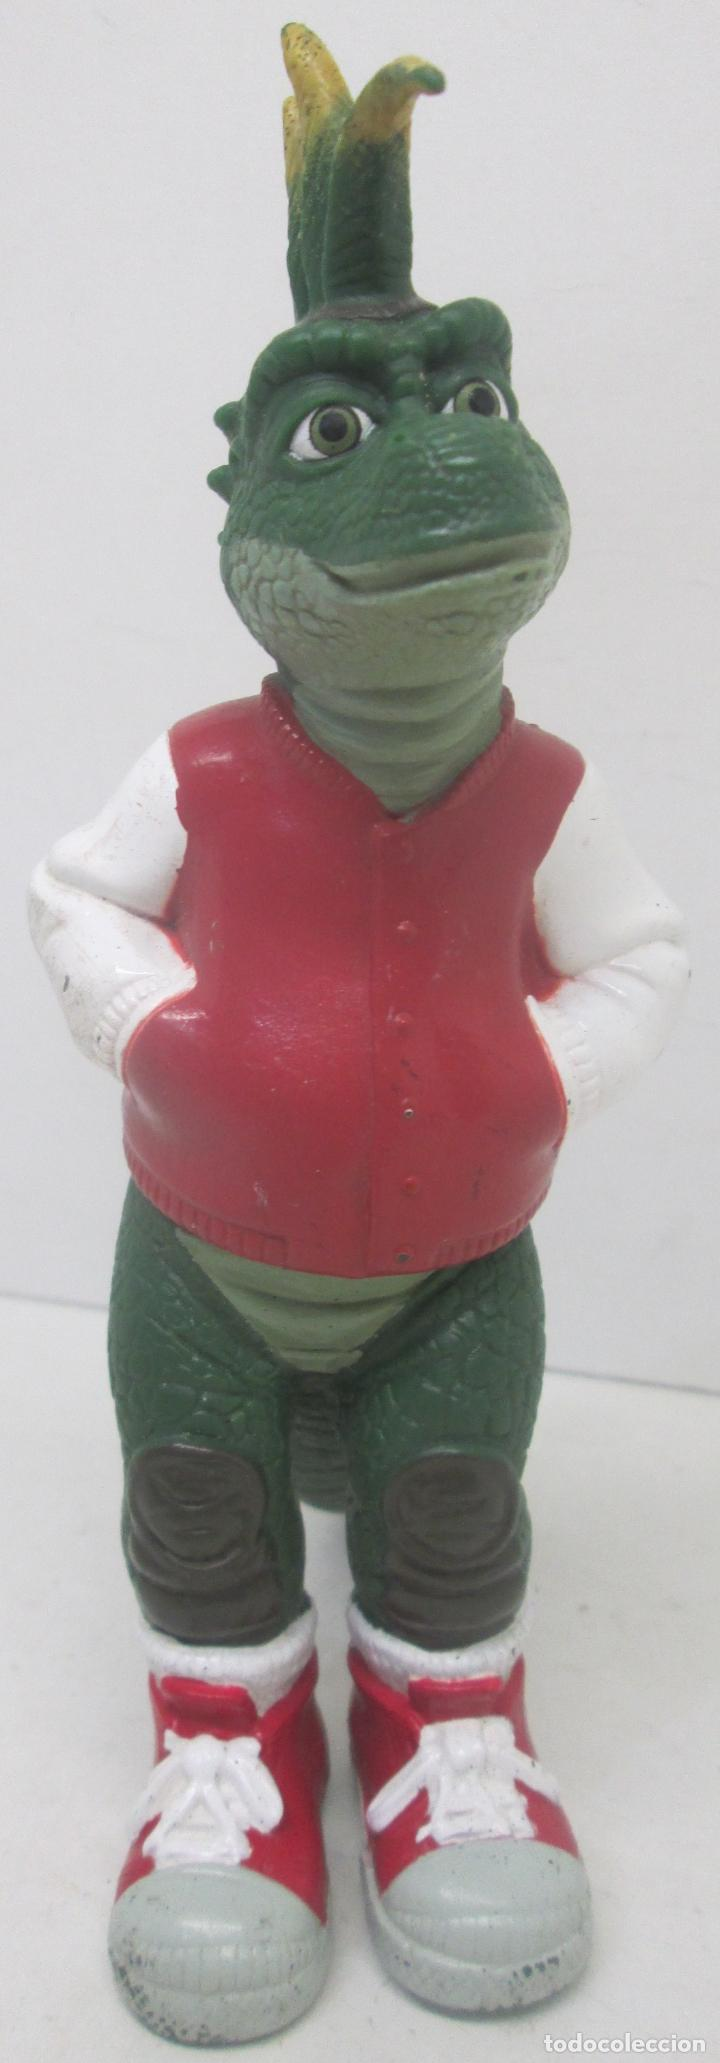 Muneco De Goma Robbie Sinclair Serie Tv Dinosa Sold Through Direct Sale 93860723 Y es que, cuando éramos pequeños y vivíamos embelesados con los juegos de dinosaurios para. muneco de goma robbie sinclair serie tv